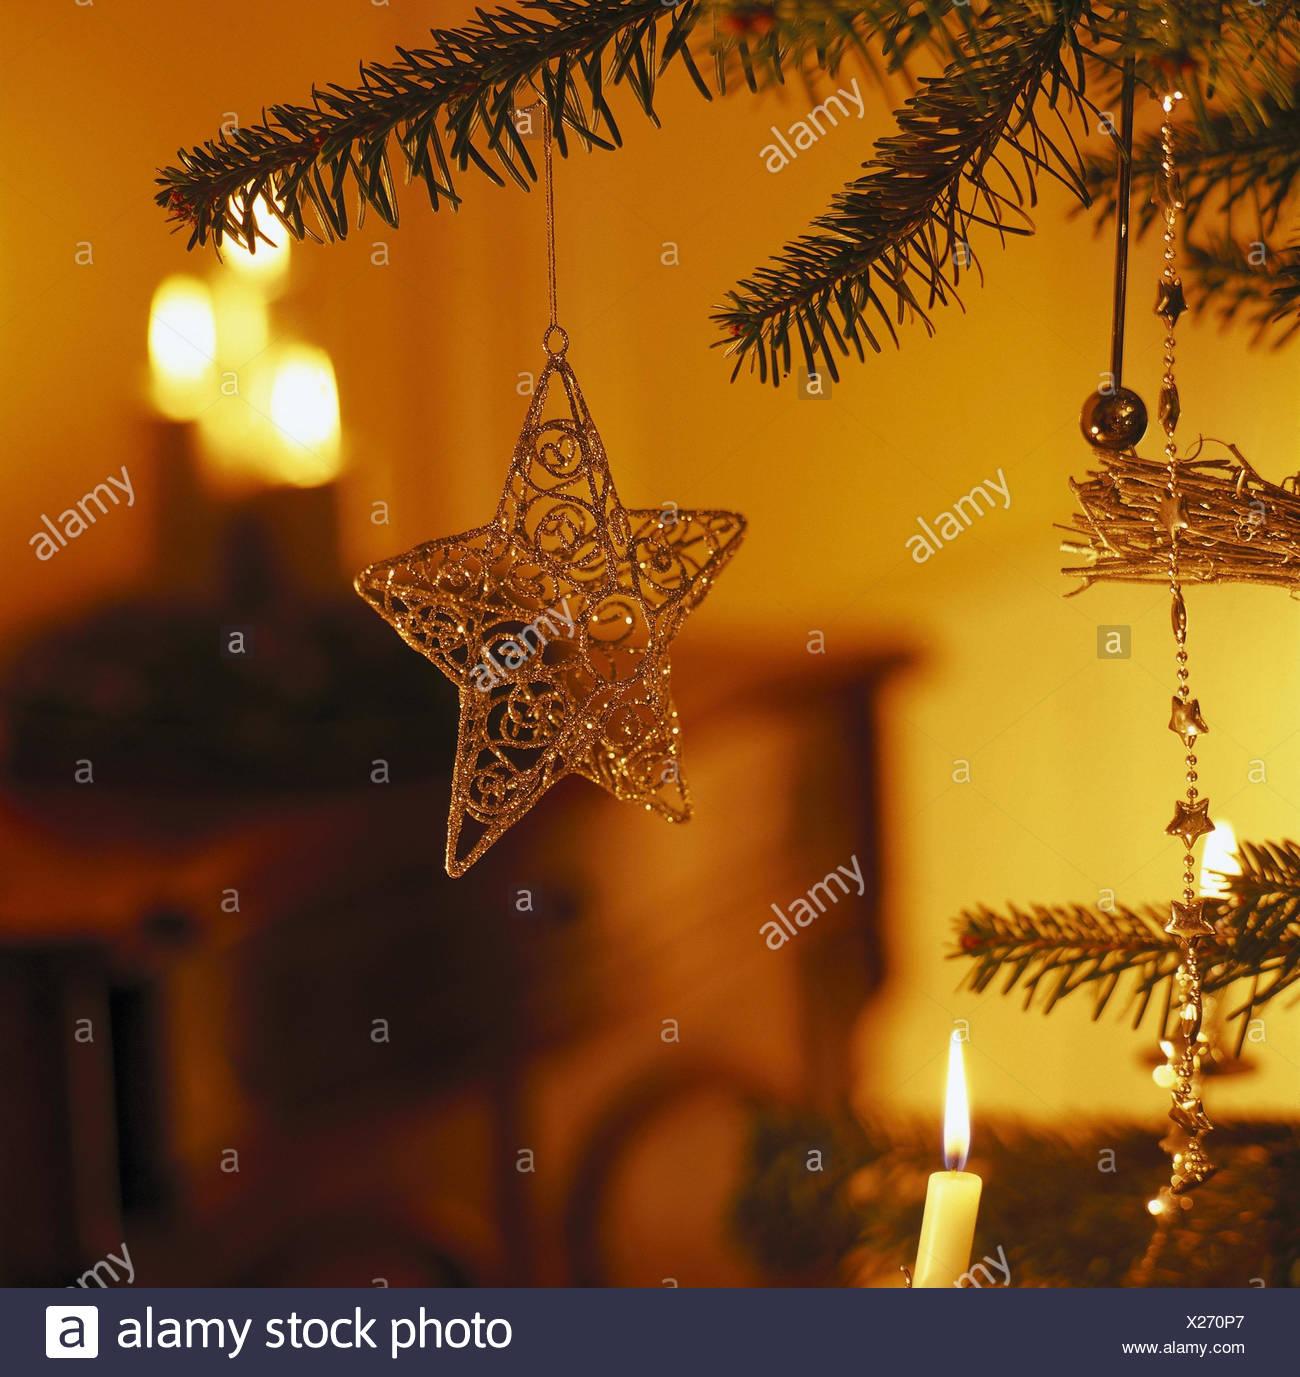 Sterne Für Weihnachtsbaum.Weihnachtsbaum Detail Sterne Weihnachten Stillleben